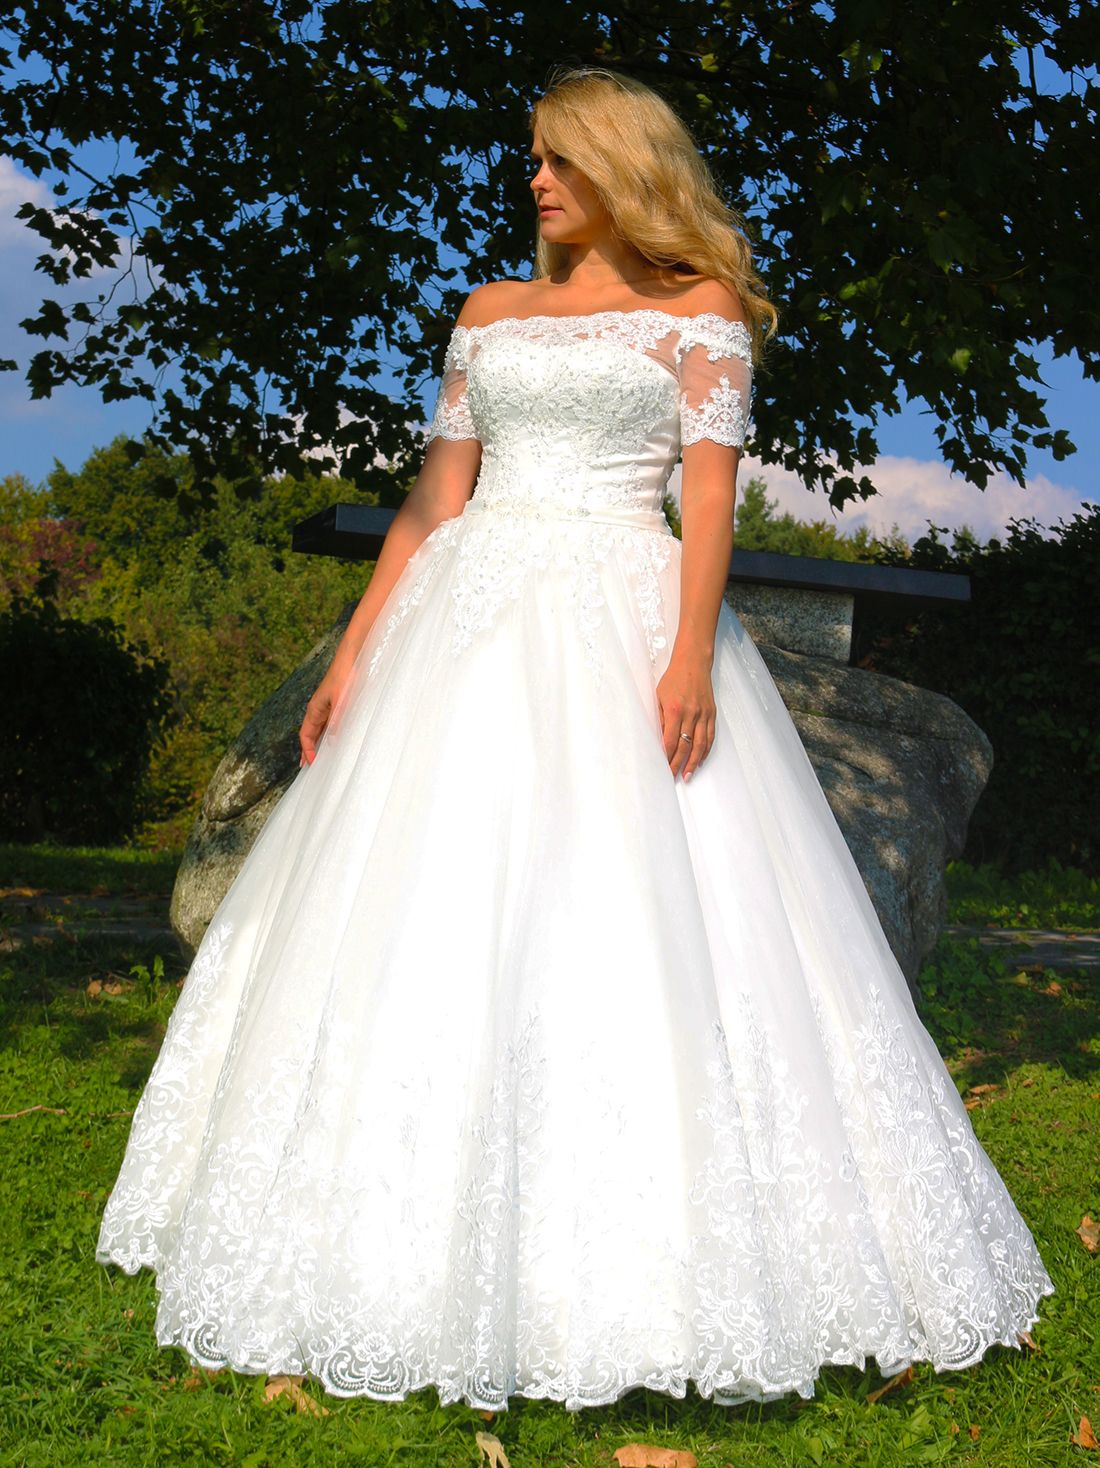 Luxus Brautkleid Hochzeitskleid NEU Braut Spitze Brautkleider Maß ...